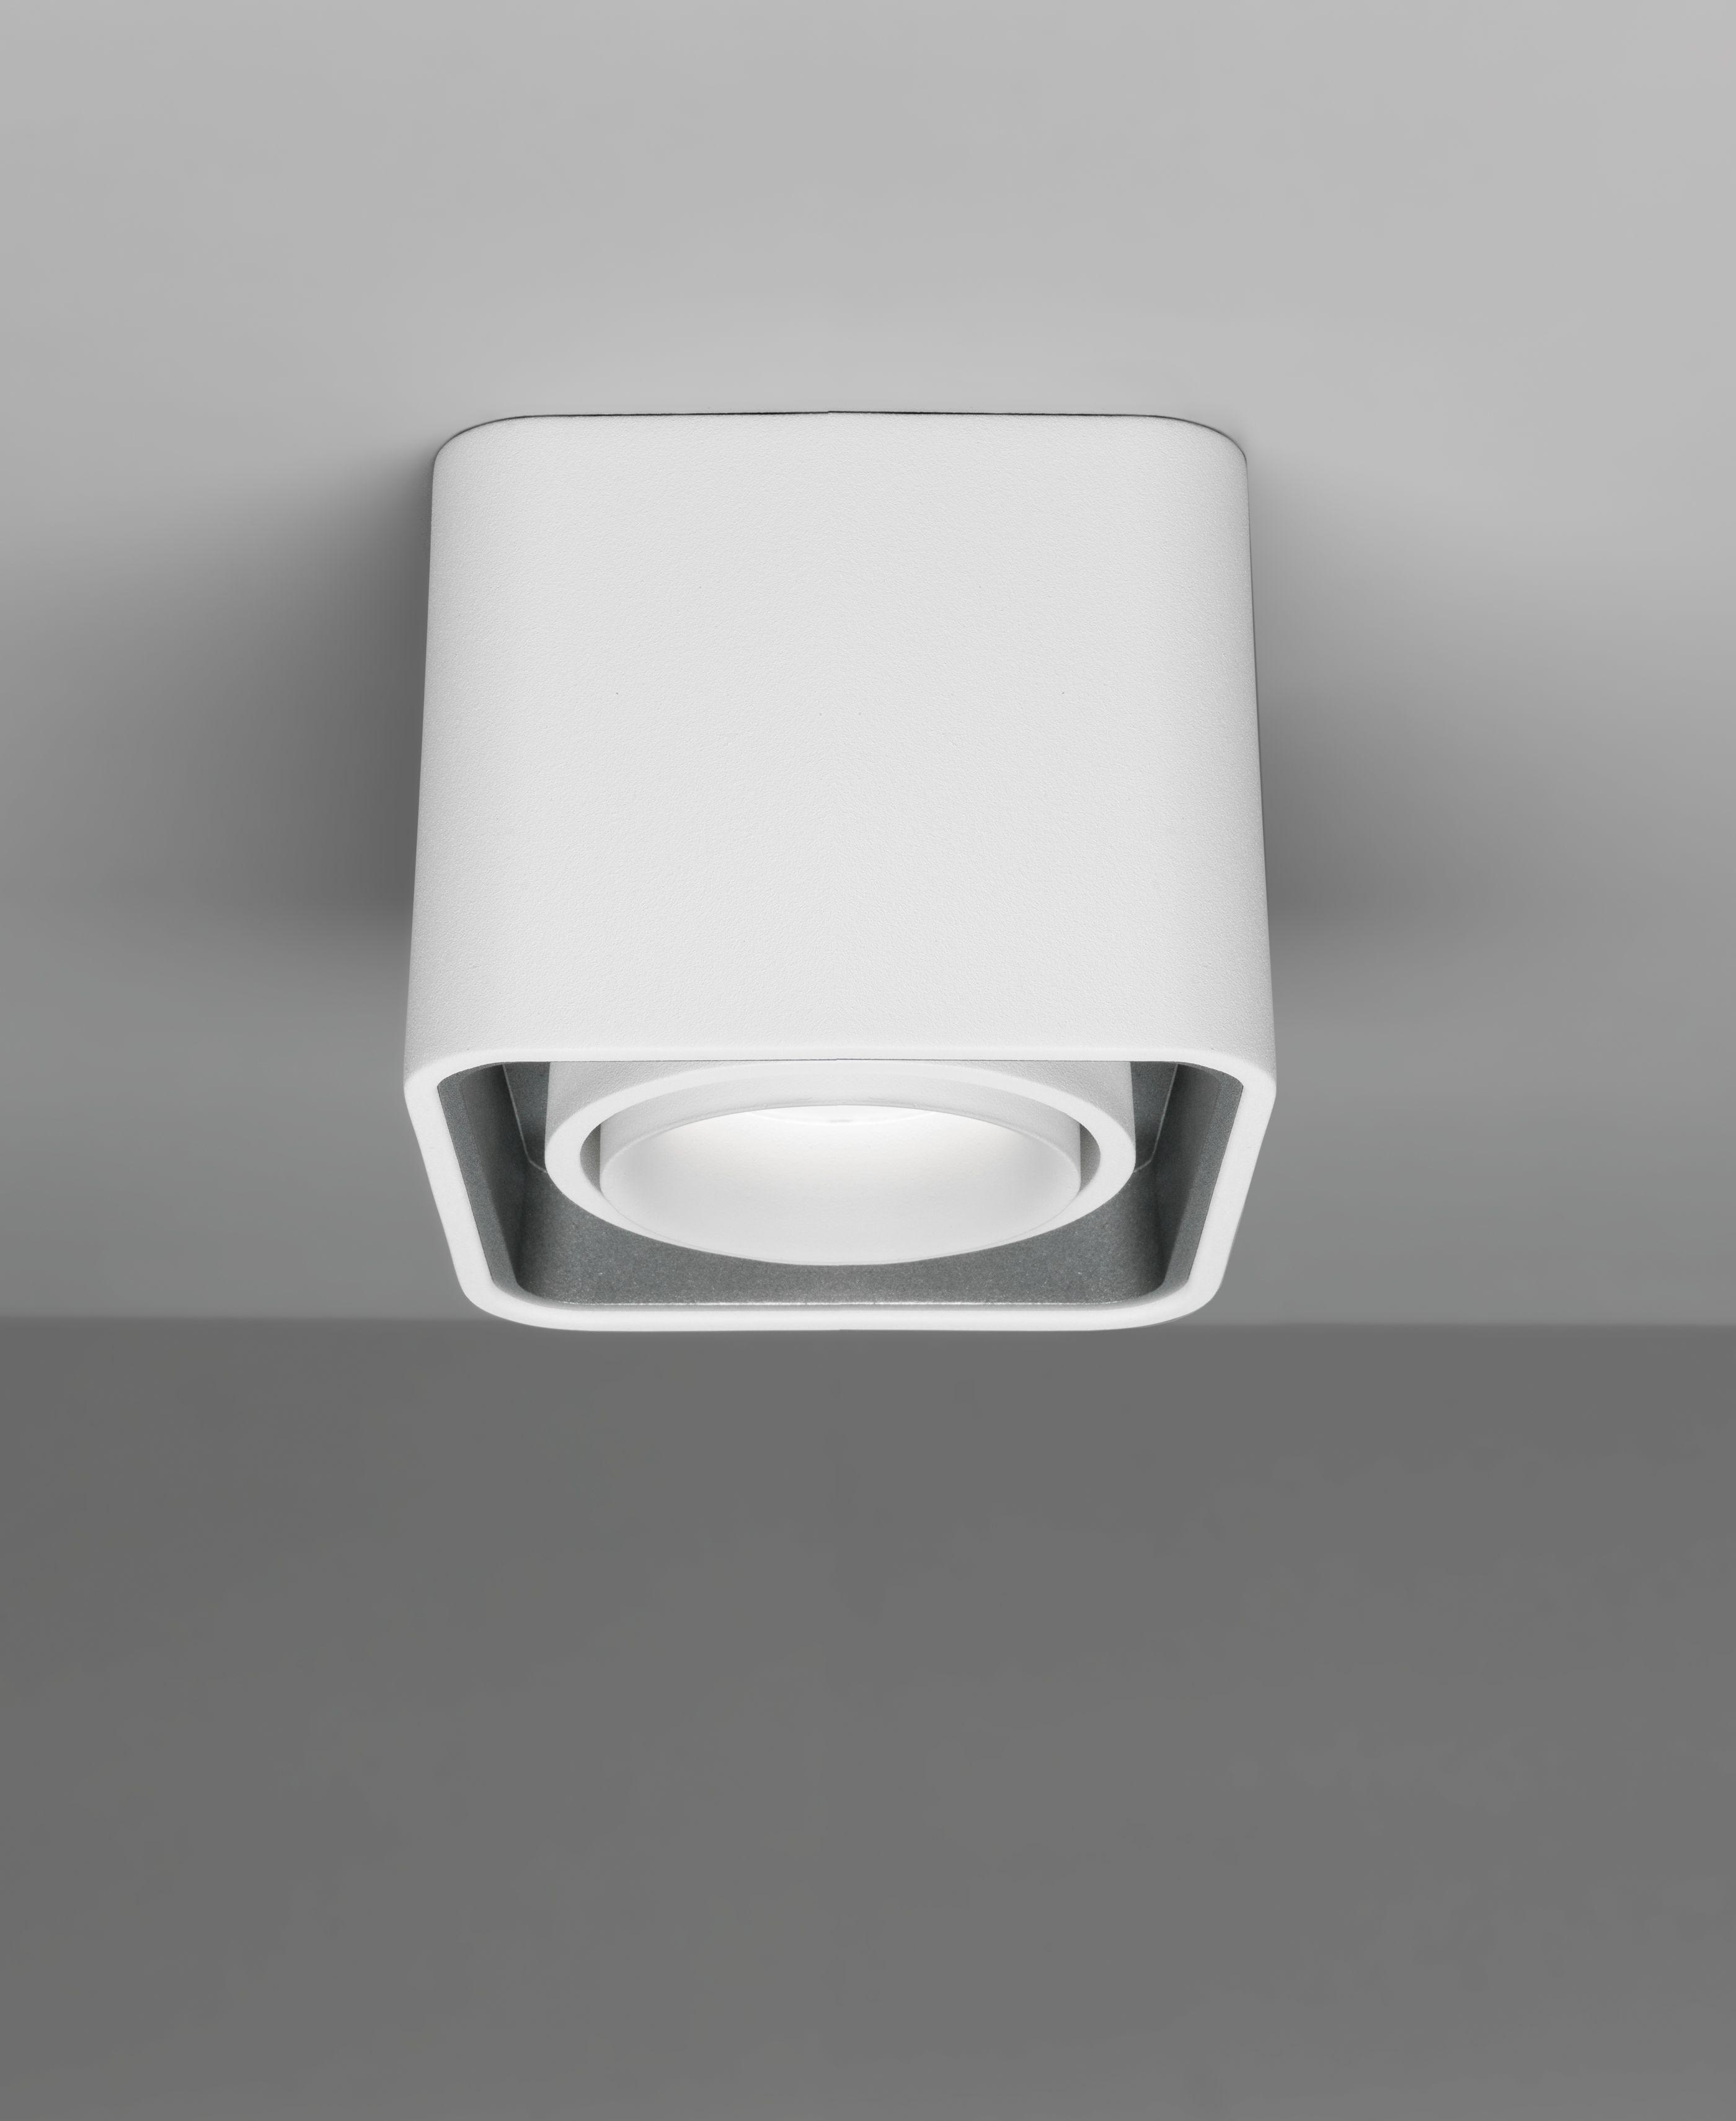 ein deckenspot der sich nicht verstecken muss kompakt in den abmessungen durch die gefrostete. Black Bedroom Furniture Sets. Home Design Ideas